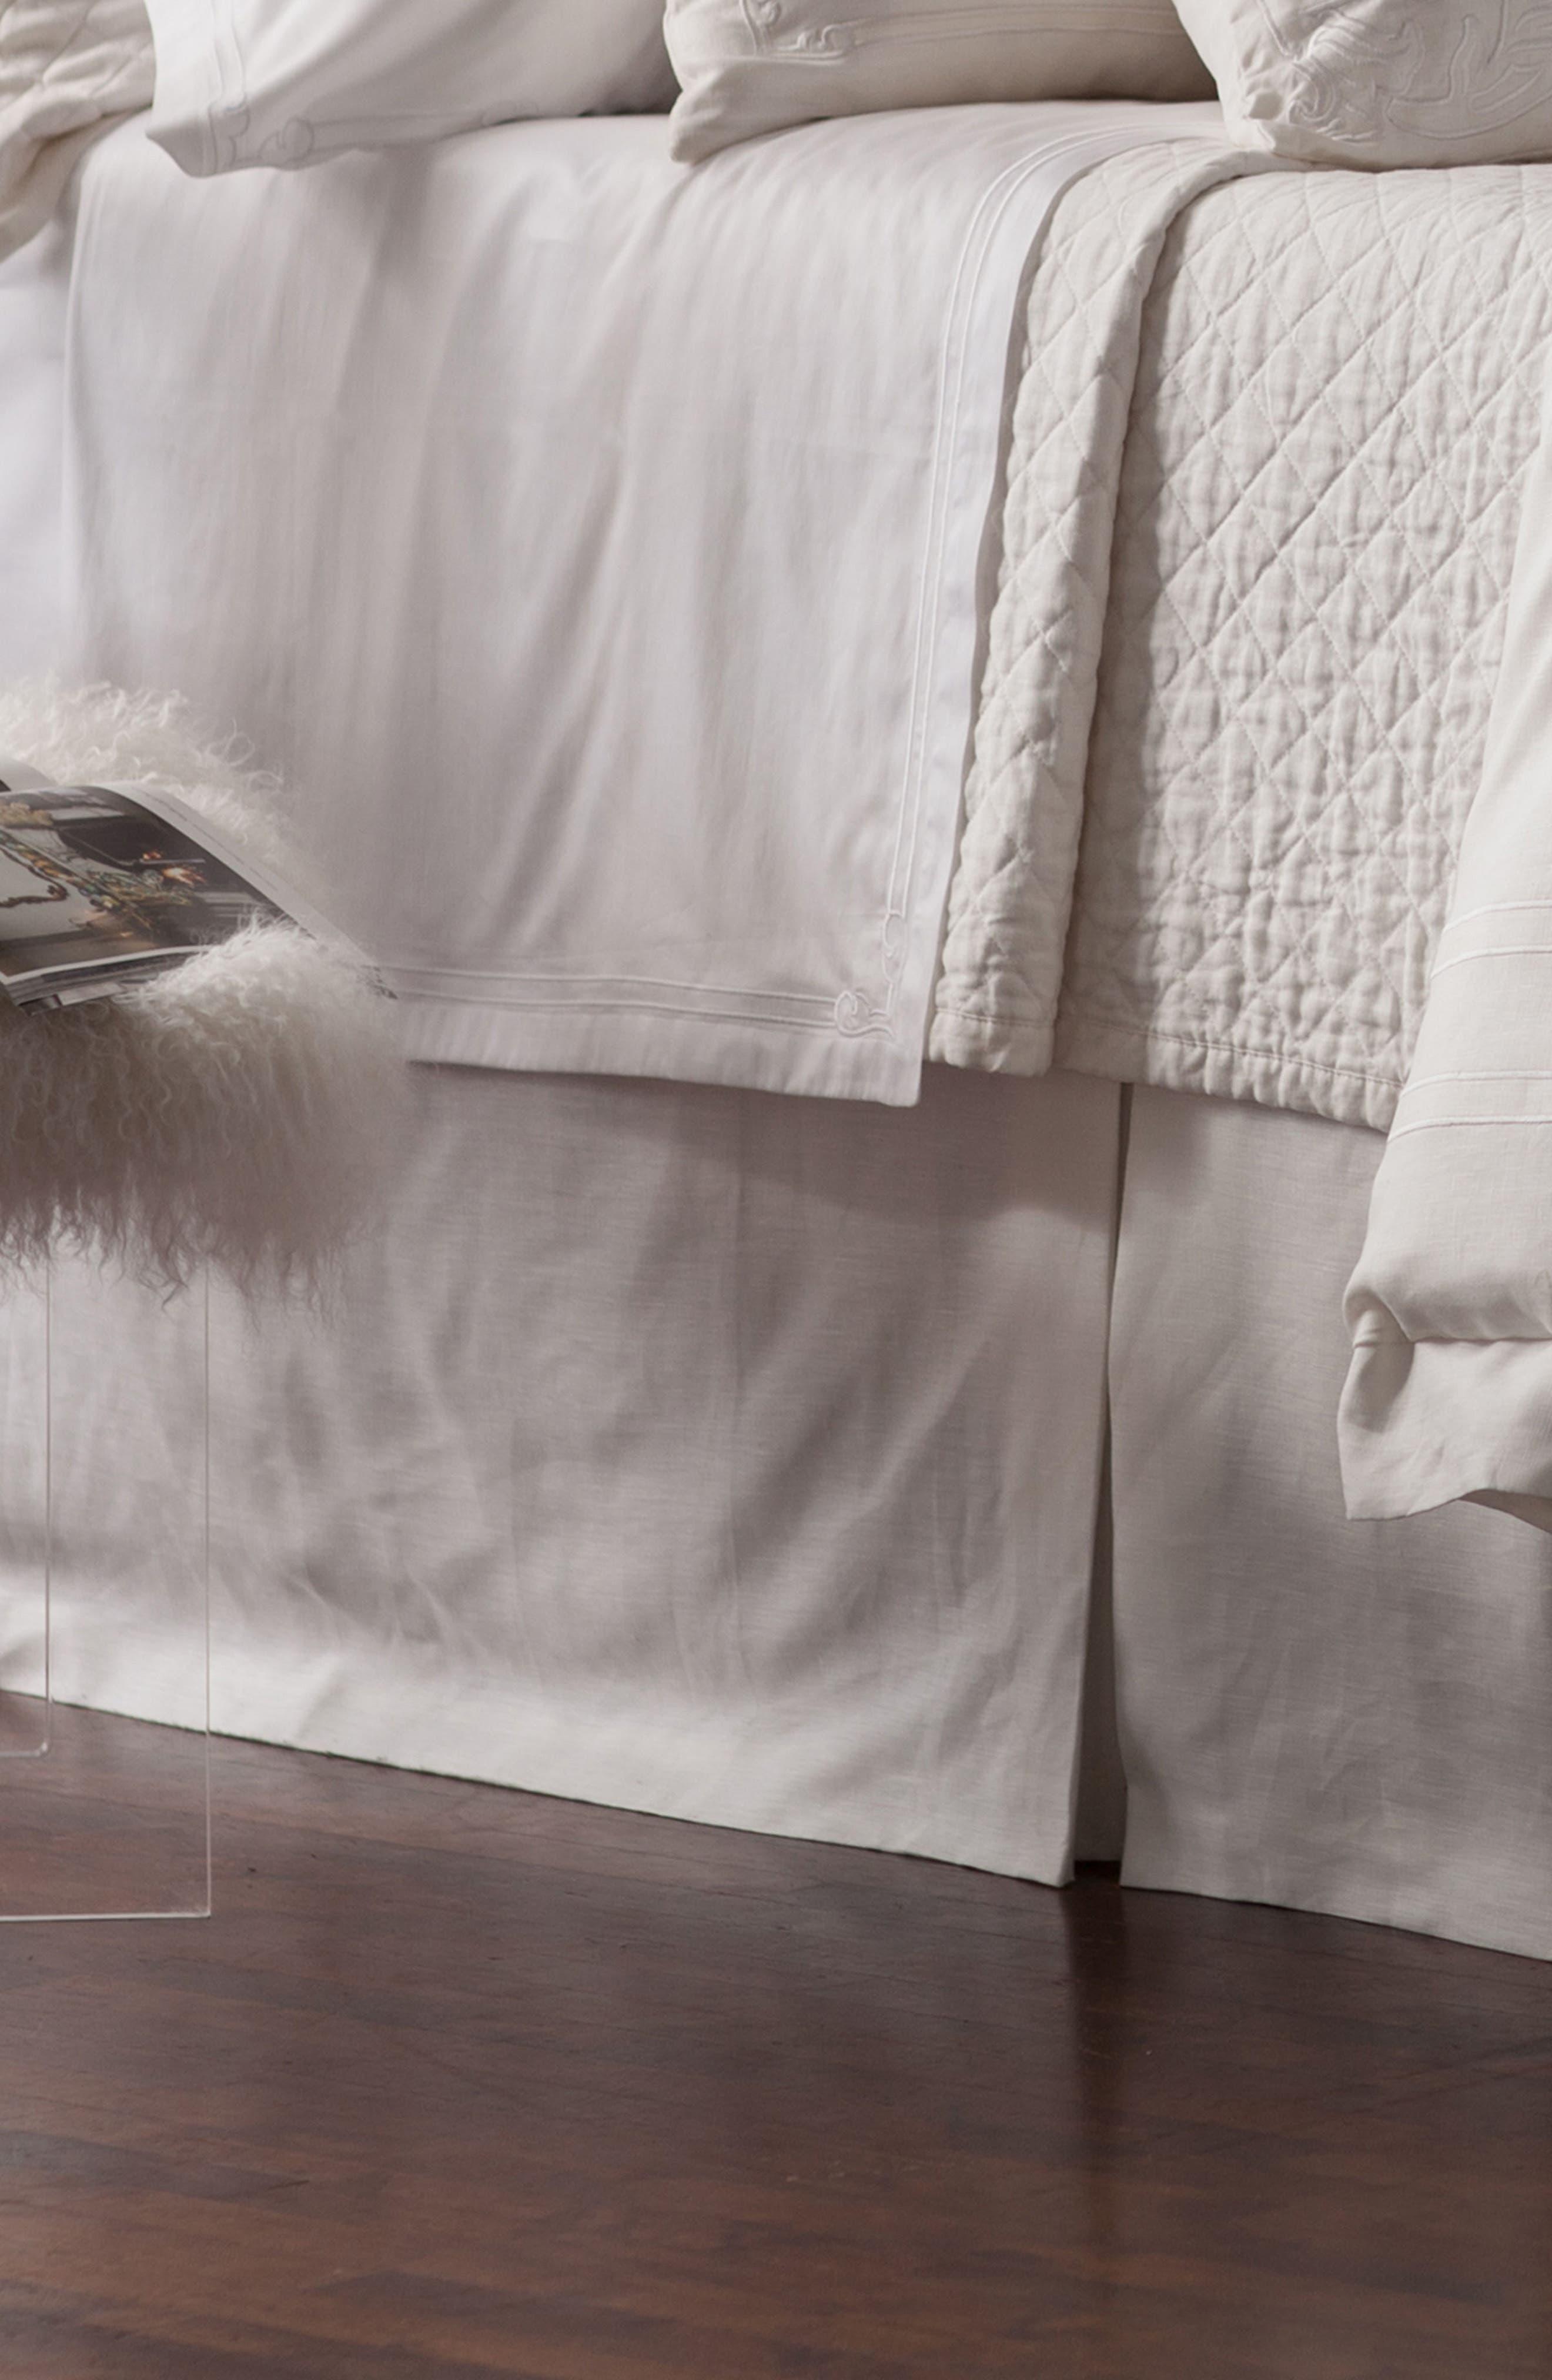 Lili Alessandra Casablanca Bed Skirt